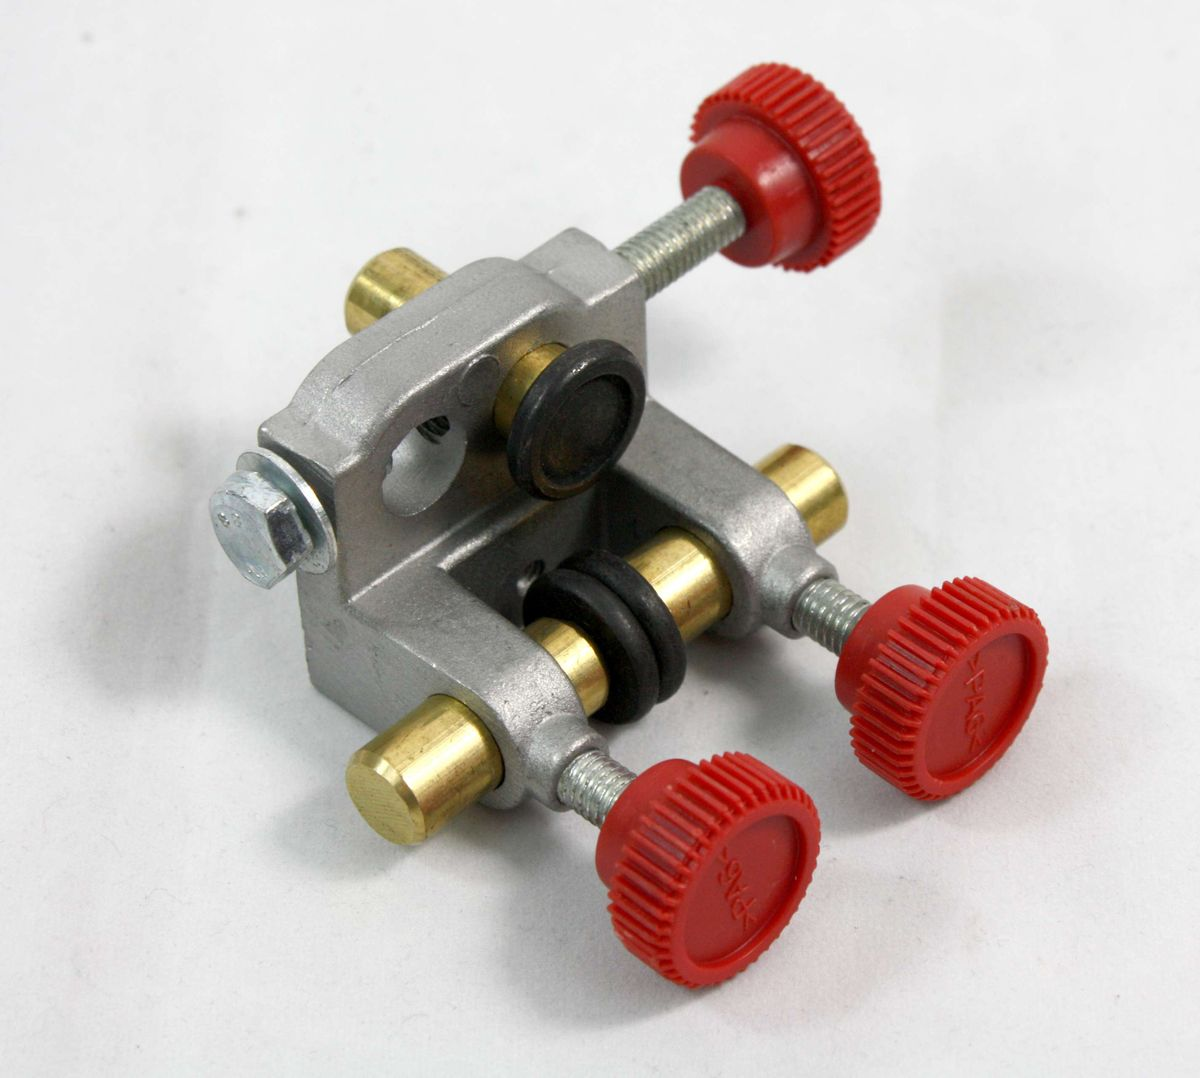 Ersatzteil Set / Baugruppe für Bandsägemaschinen, Dreirollenführung, vormontiert, für unten, geeignet für Metabo BAS 260 Swift, benötigt zur Sägebandführung – Bild 2